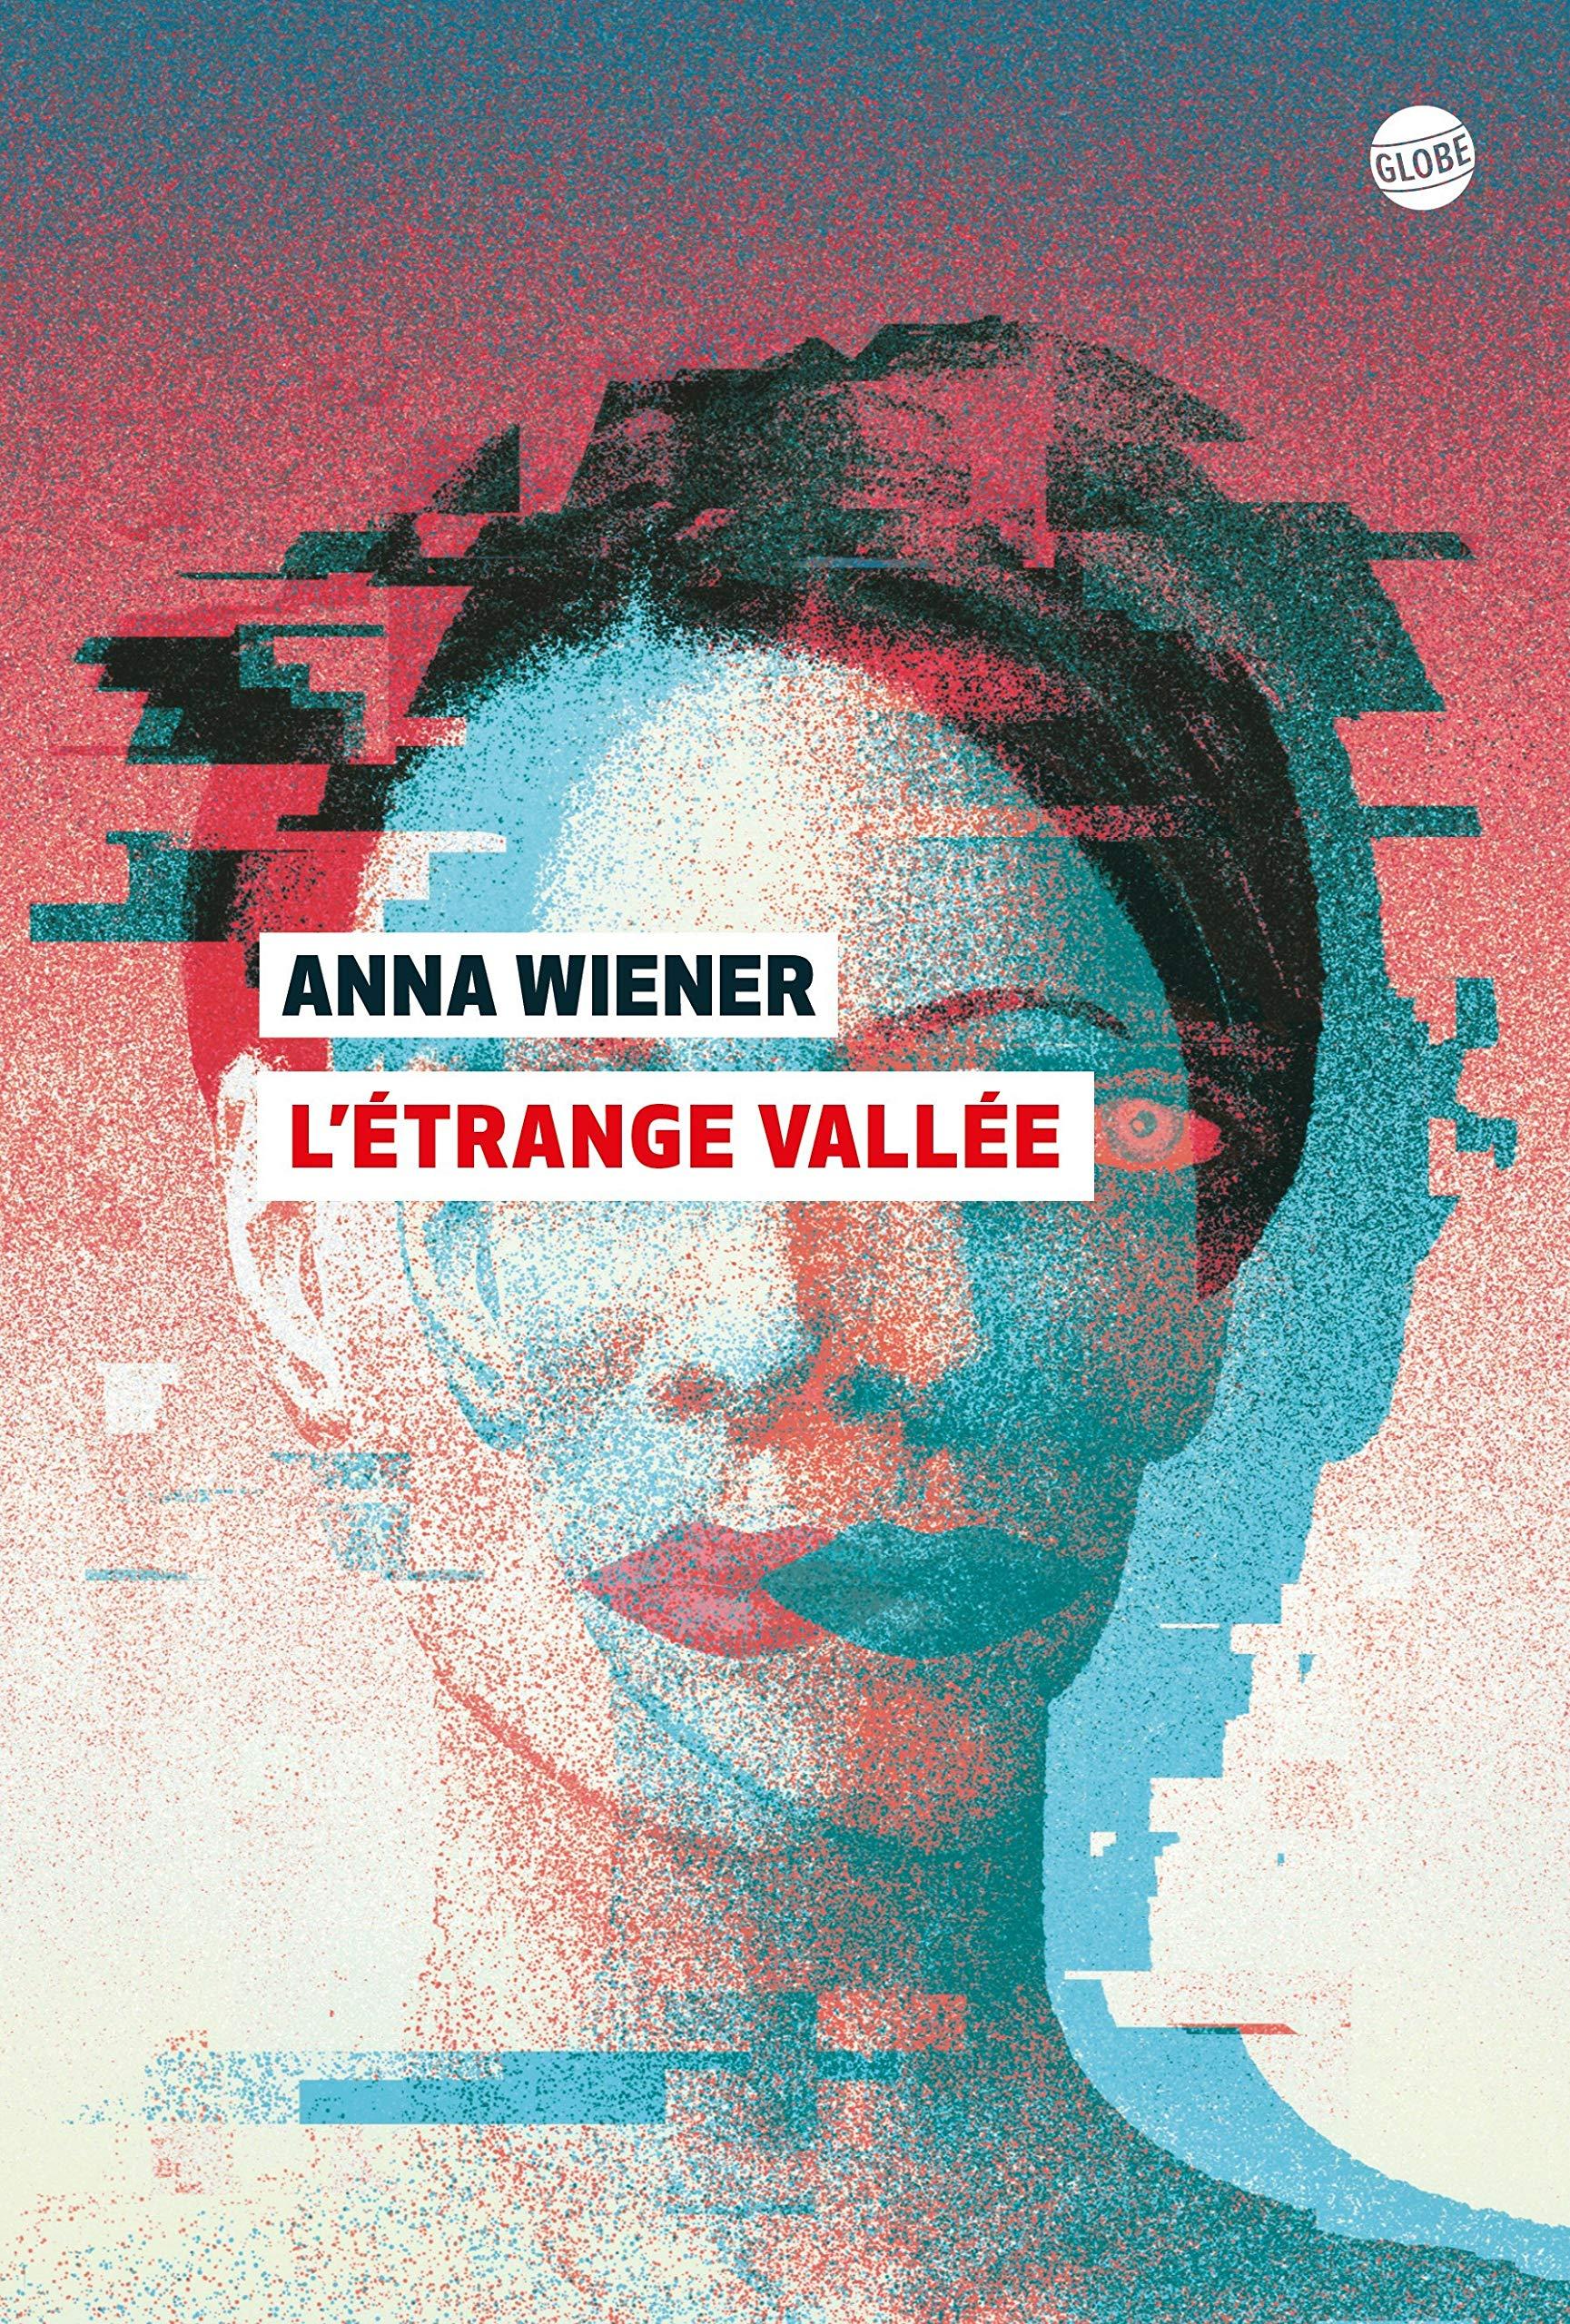 Anna Wiener, la journaliste qui fait trembler la Silicon Valley - Elle